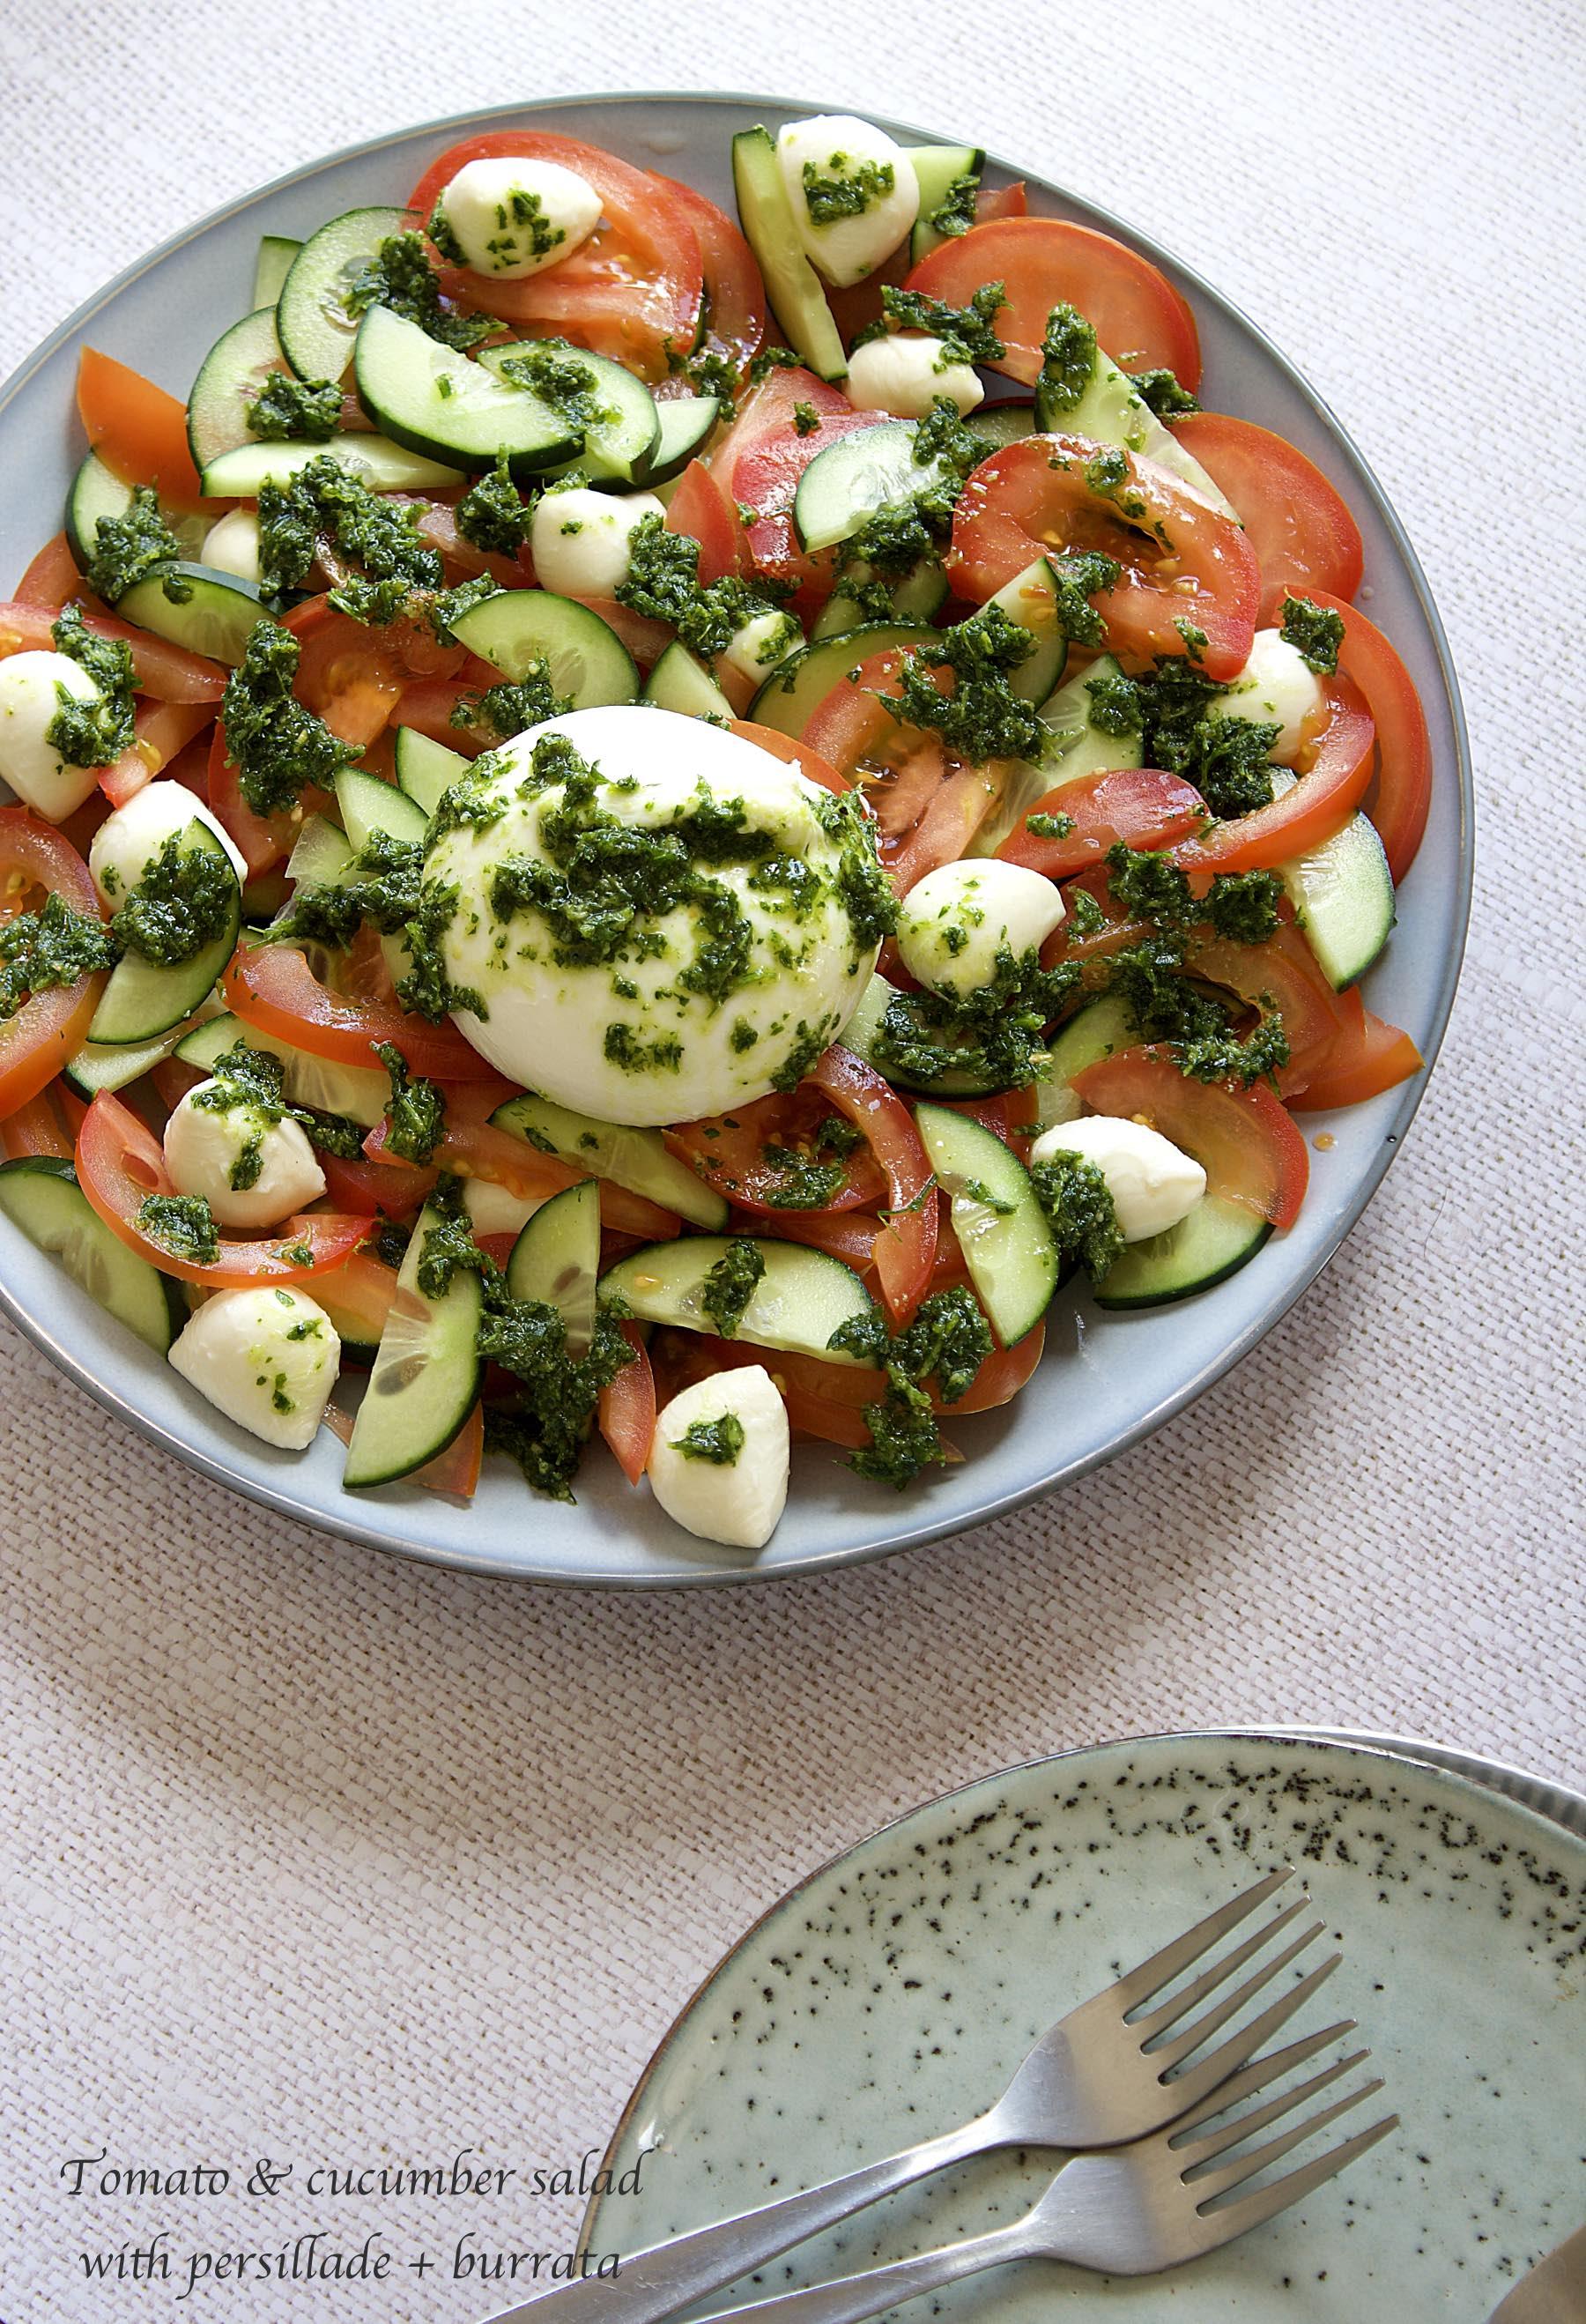 Salade de tomate, concombre et mozzarella à la persillade + burrata